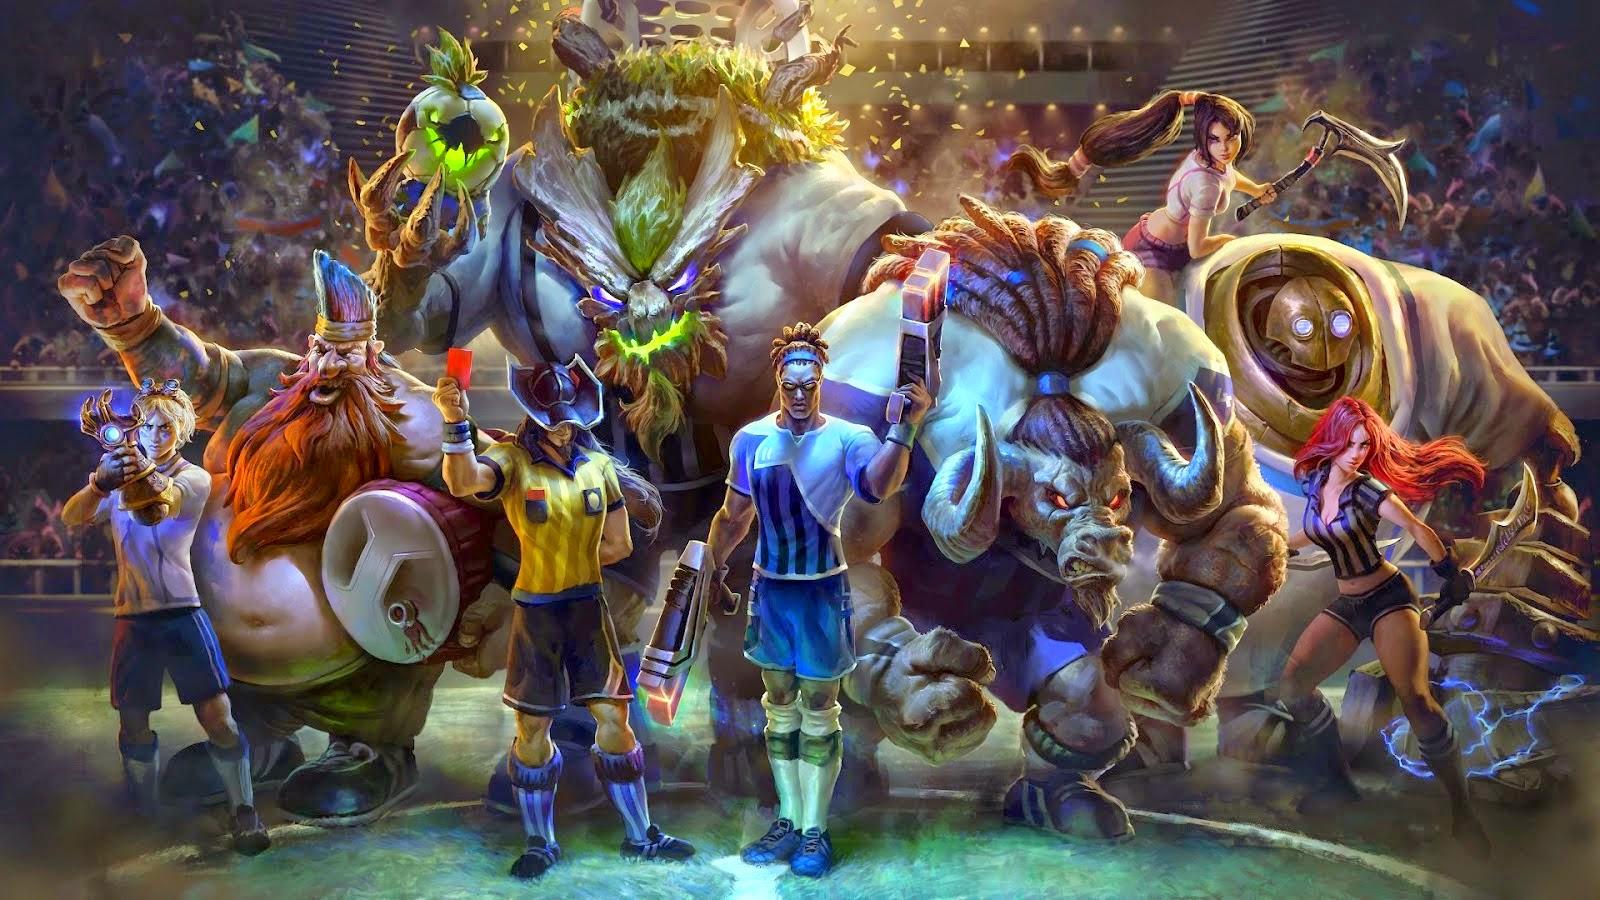 Hình Game Pubg đẹp Nhất: Hình Nền Các Tướng LMHT đẹp Nhất